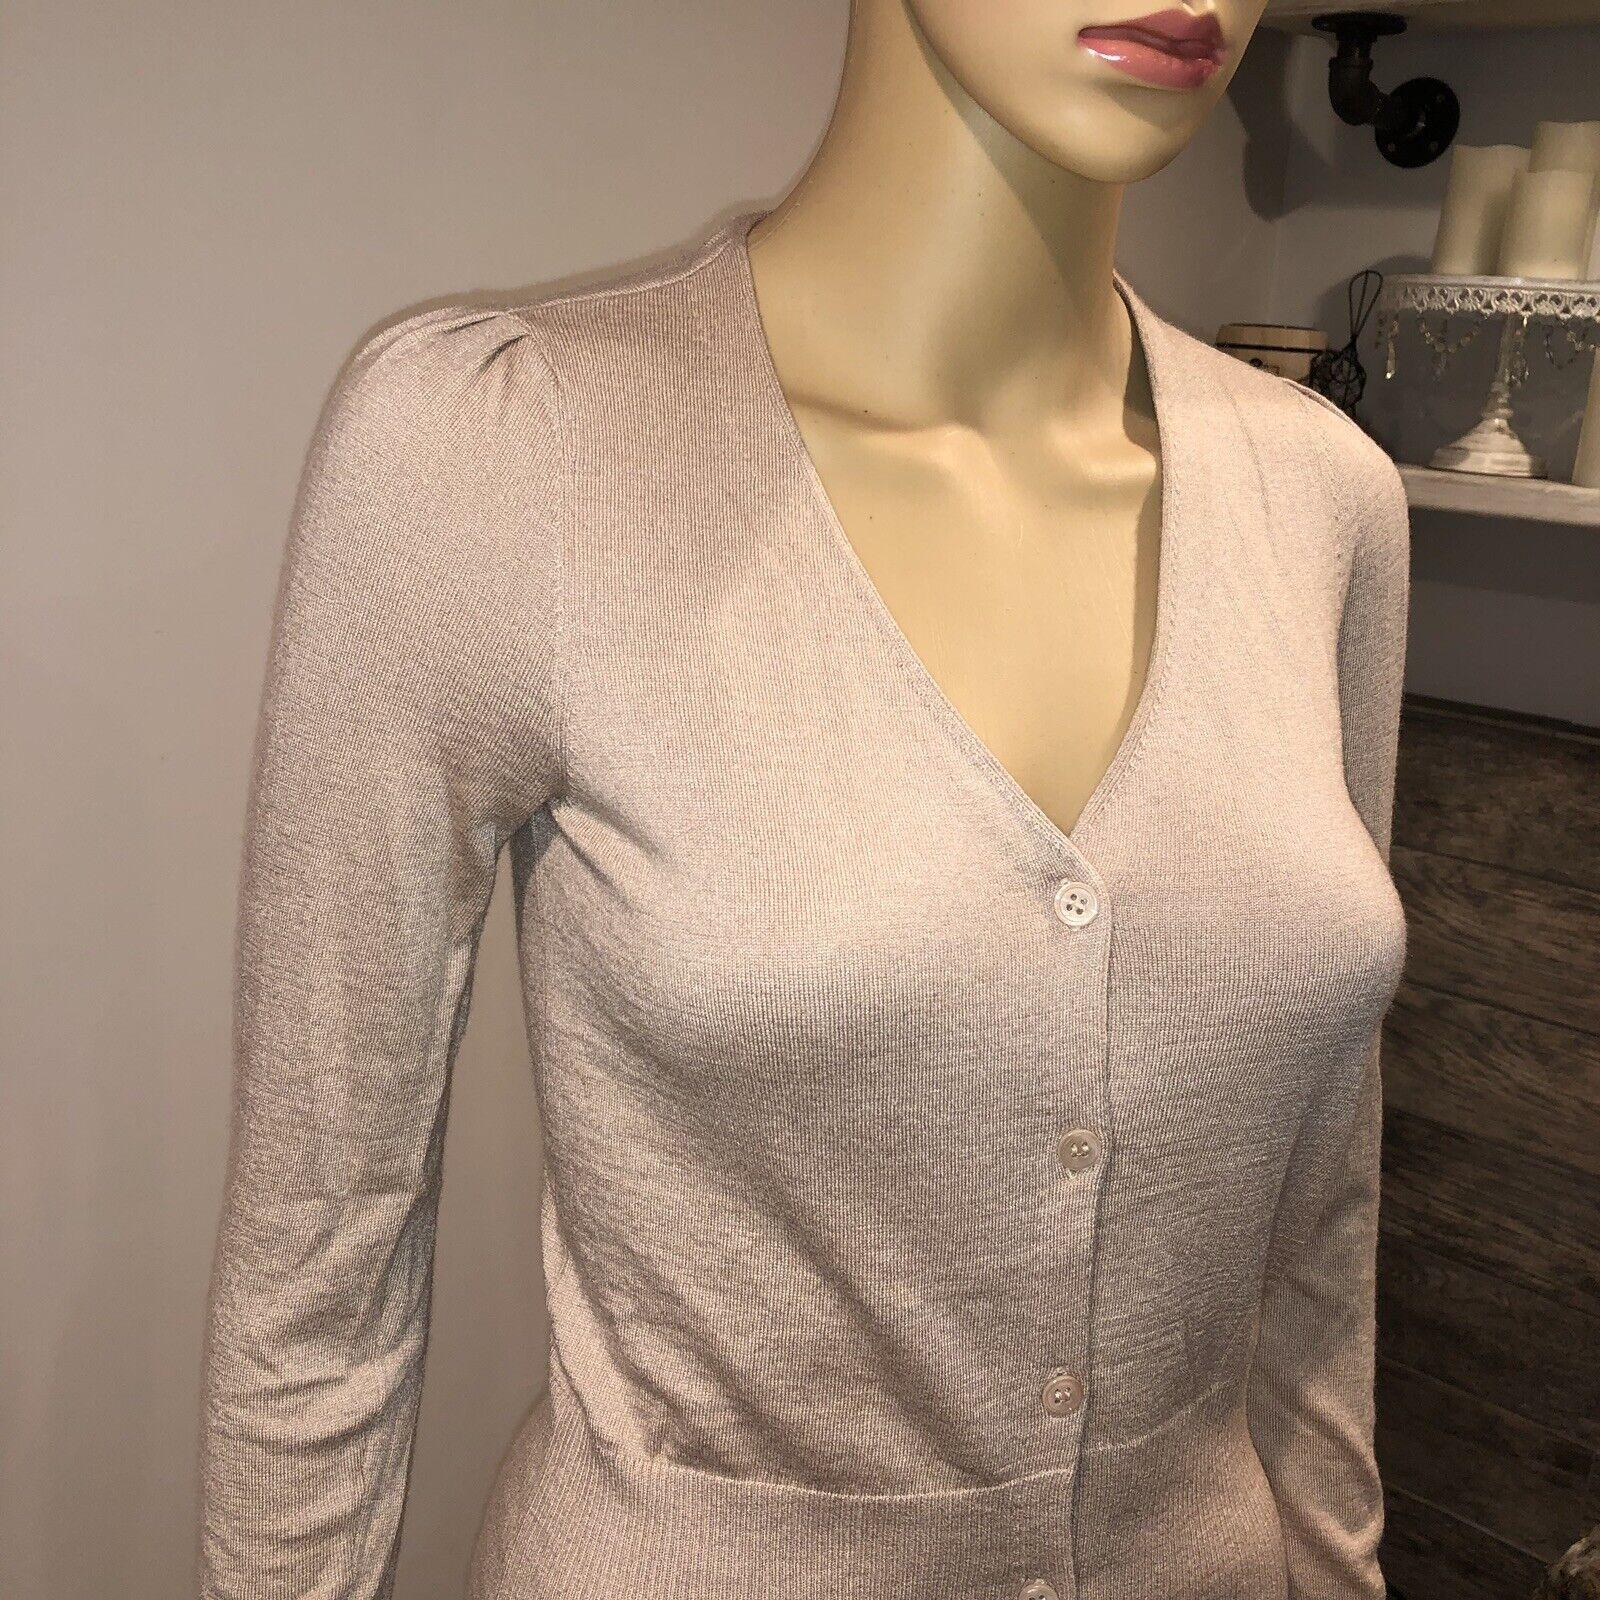 Joie bluesh pink Cardigan soft soft soft sweater size xsmall 653303